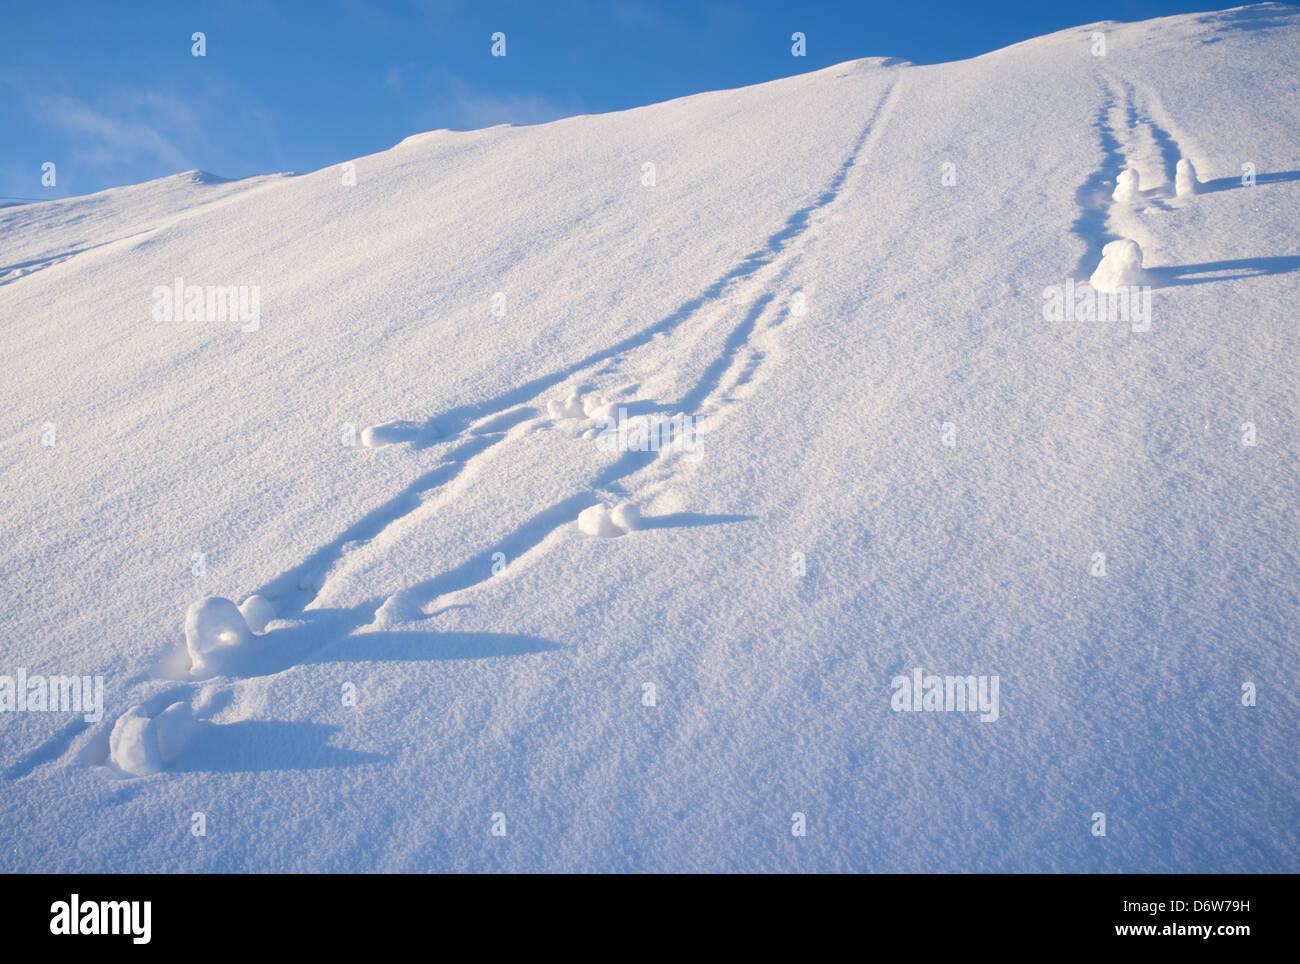 Boules de neige dévalant à pente raide , Finlande Photo Stock